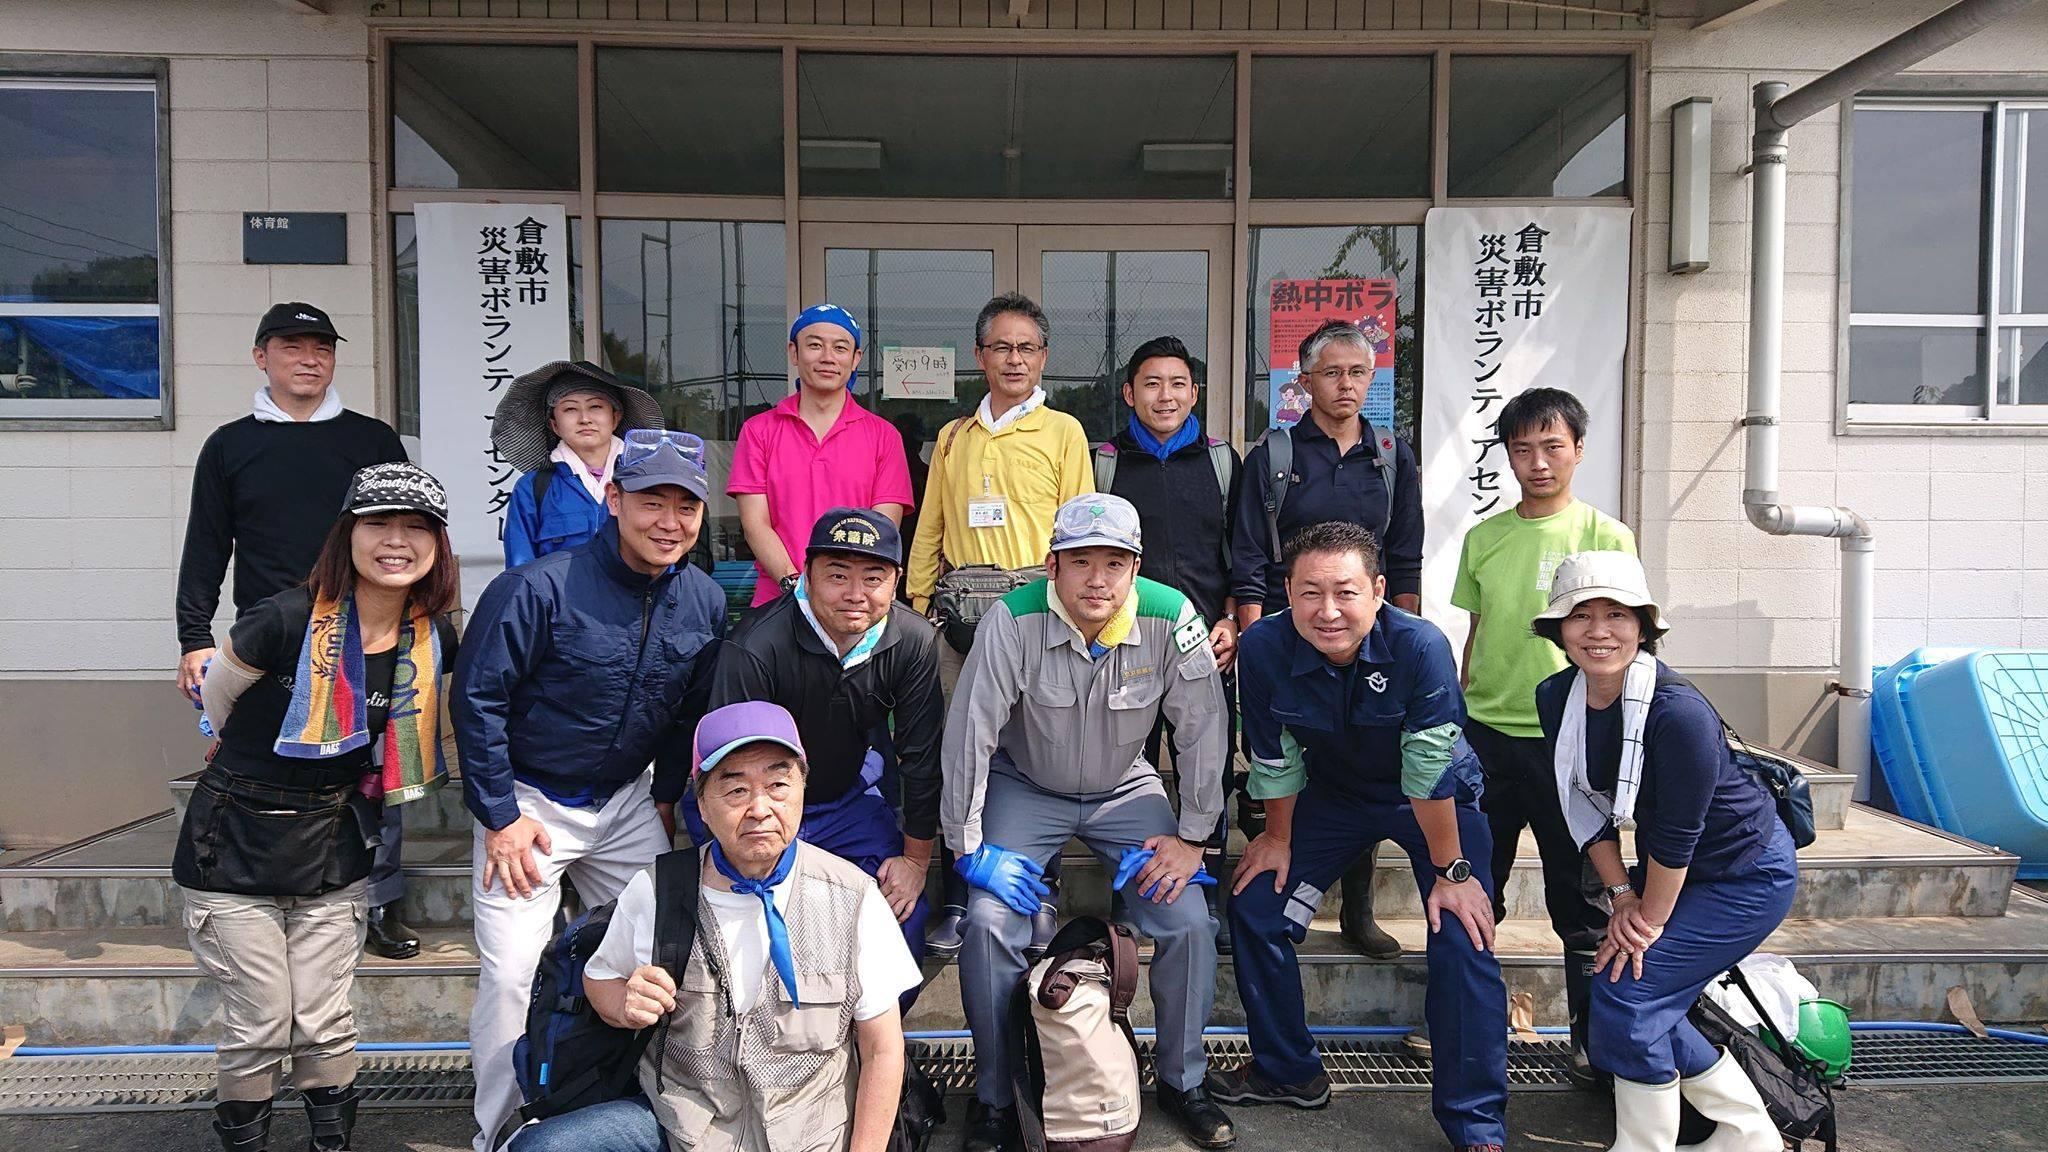 立憲民主党東京都連の精鋭13名が、夜行バスに乗ってボランティアに駆け付けてくれました。